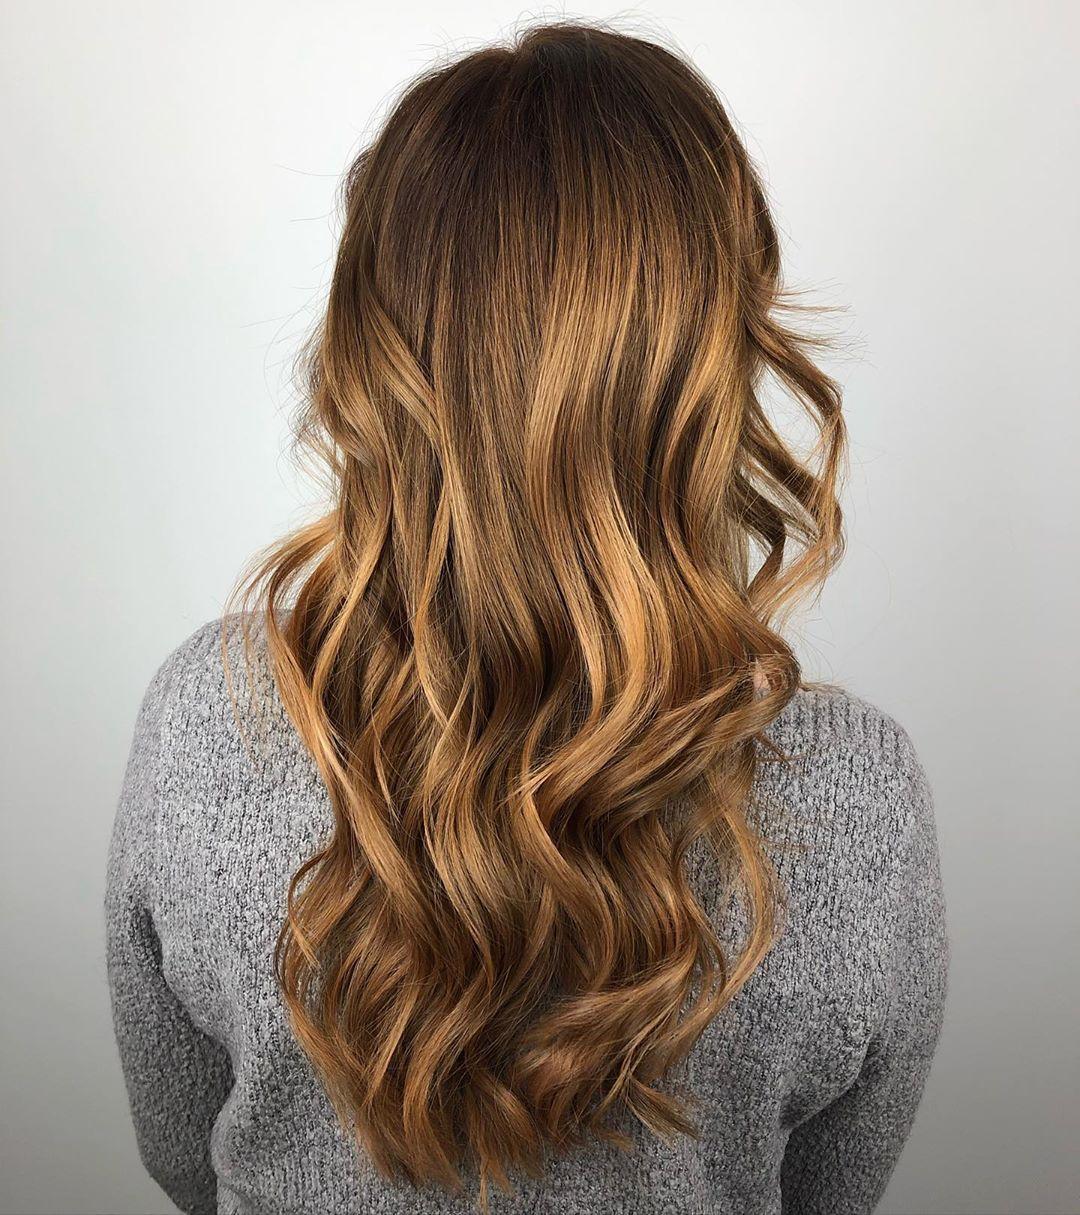 Cheveux caramel et blond froid